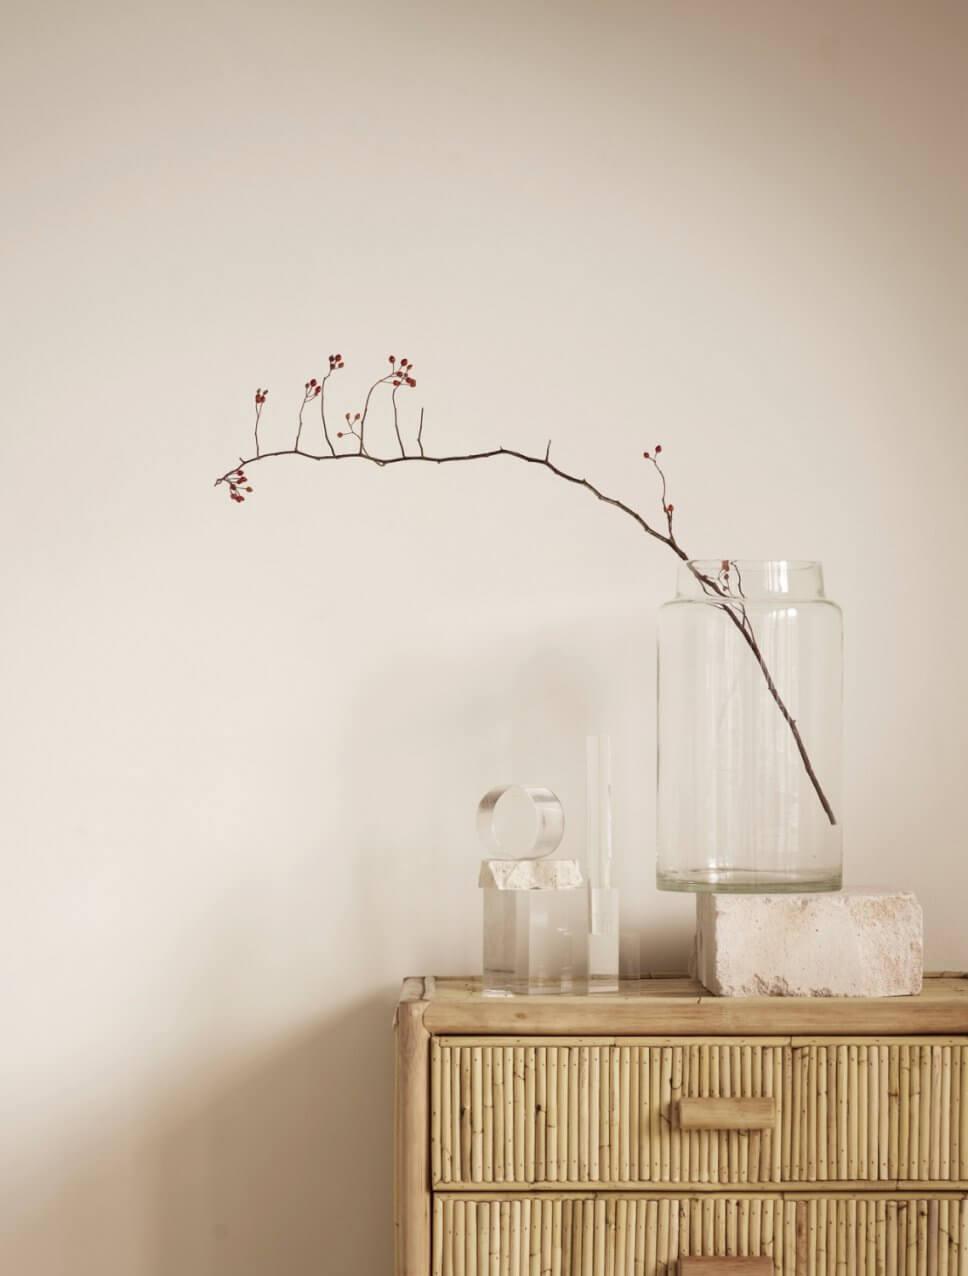 Zweig in einem großen Glas steht auf Bambus-Kommode